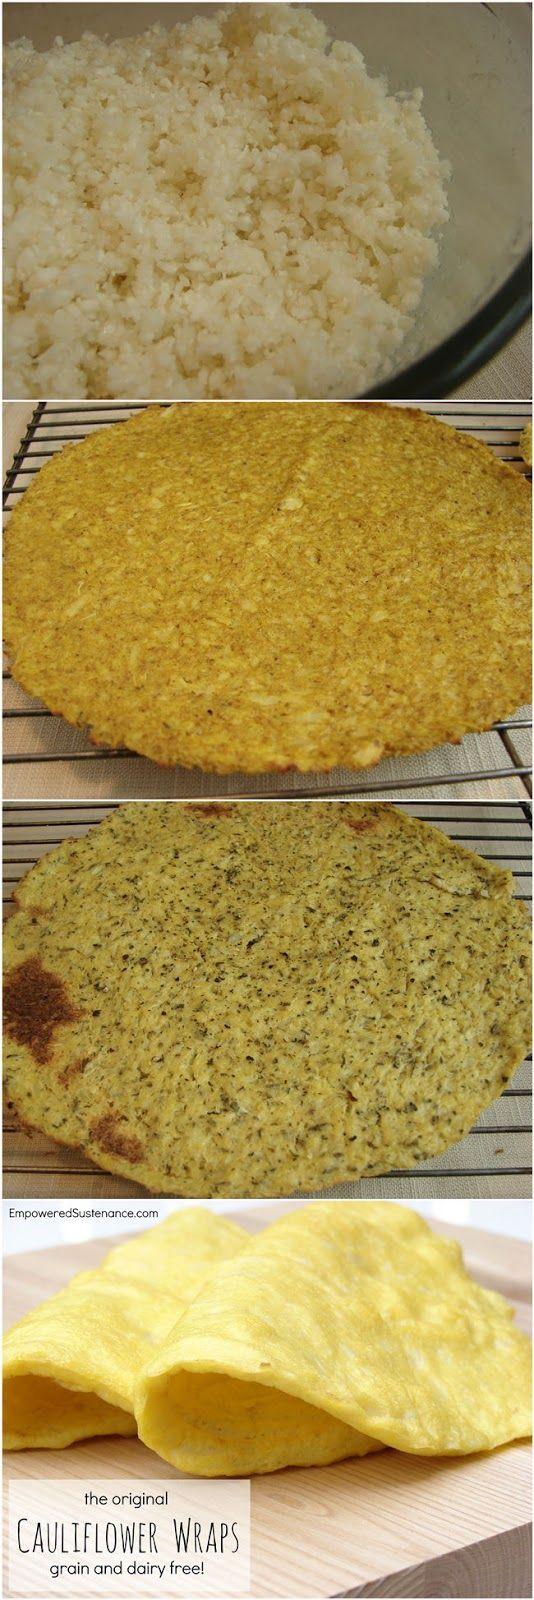 Cauliflower Wraps (GAPS, Paleo)